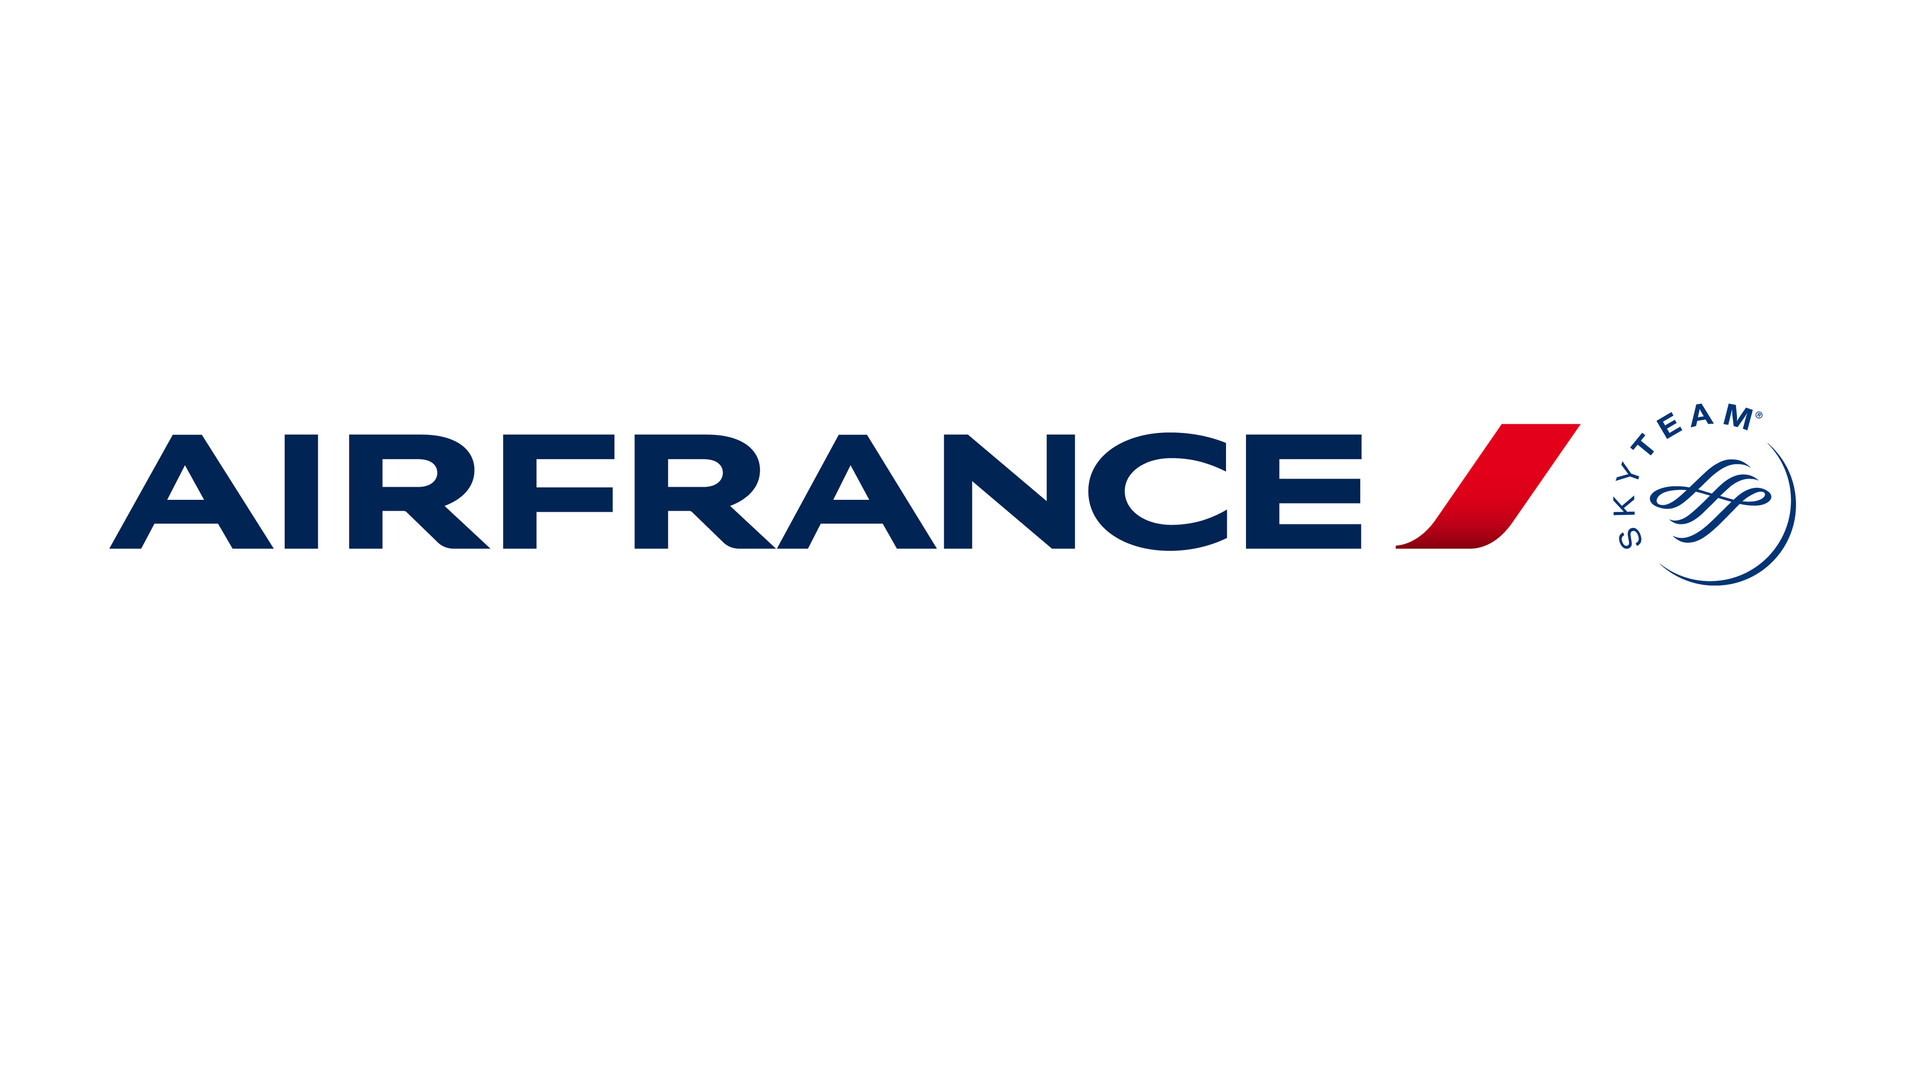 logo-air-france.jpg